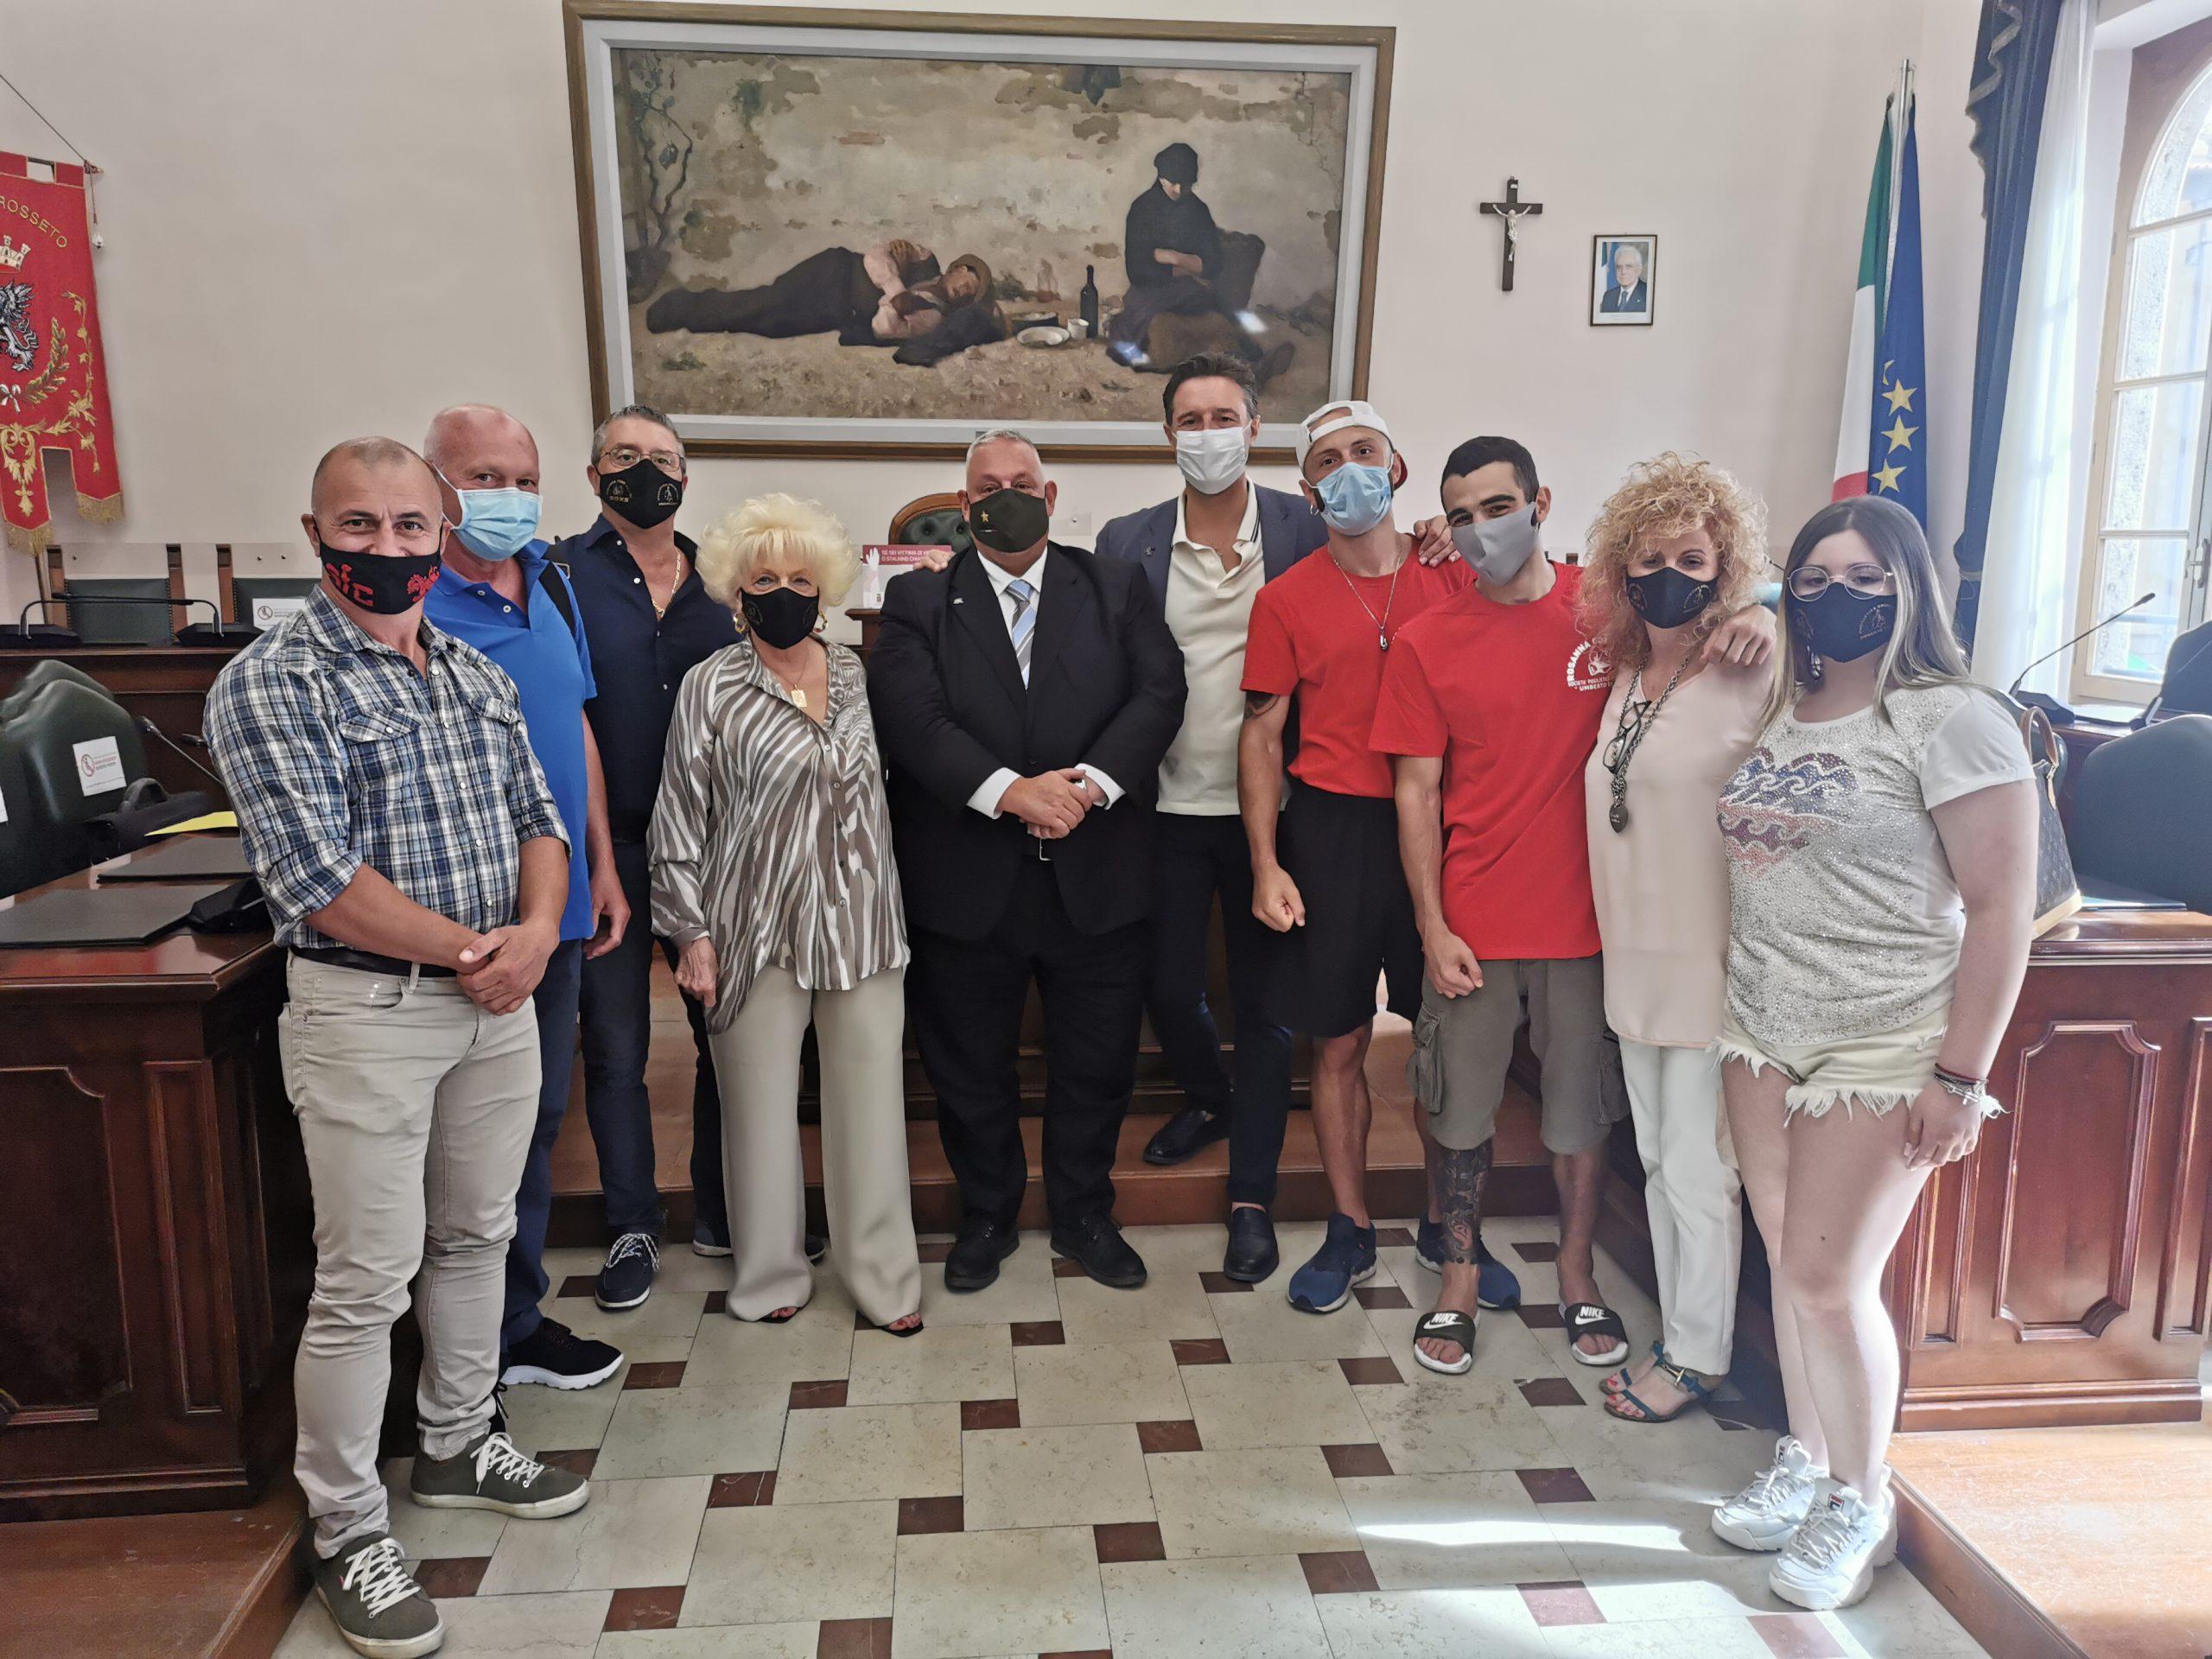 pugilato-presentazione-riunione-16-luglio-in-piazza-dante-a-grosseto